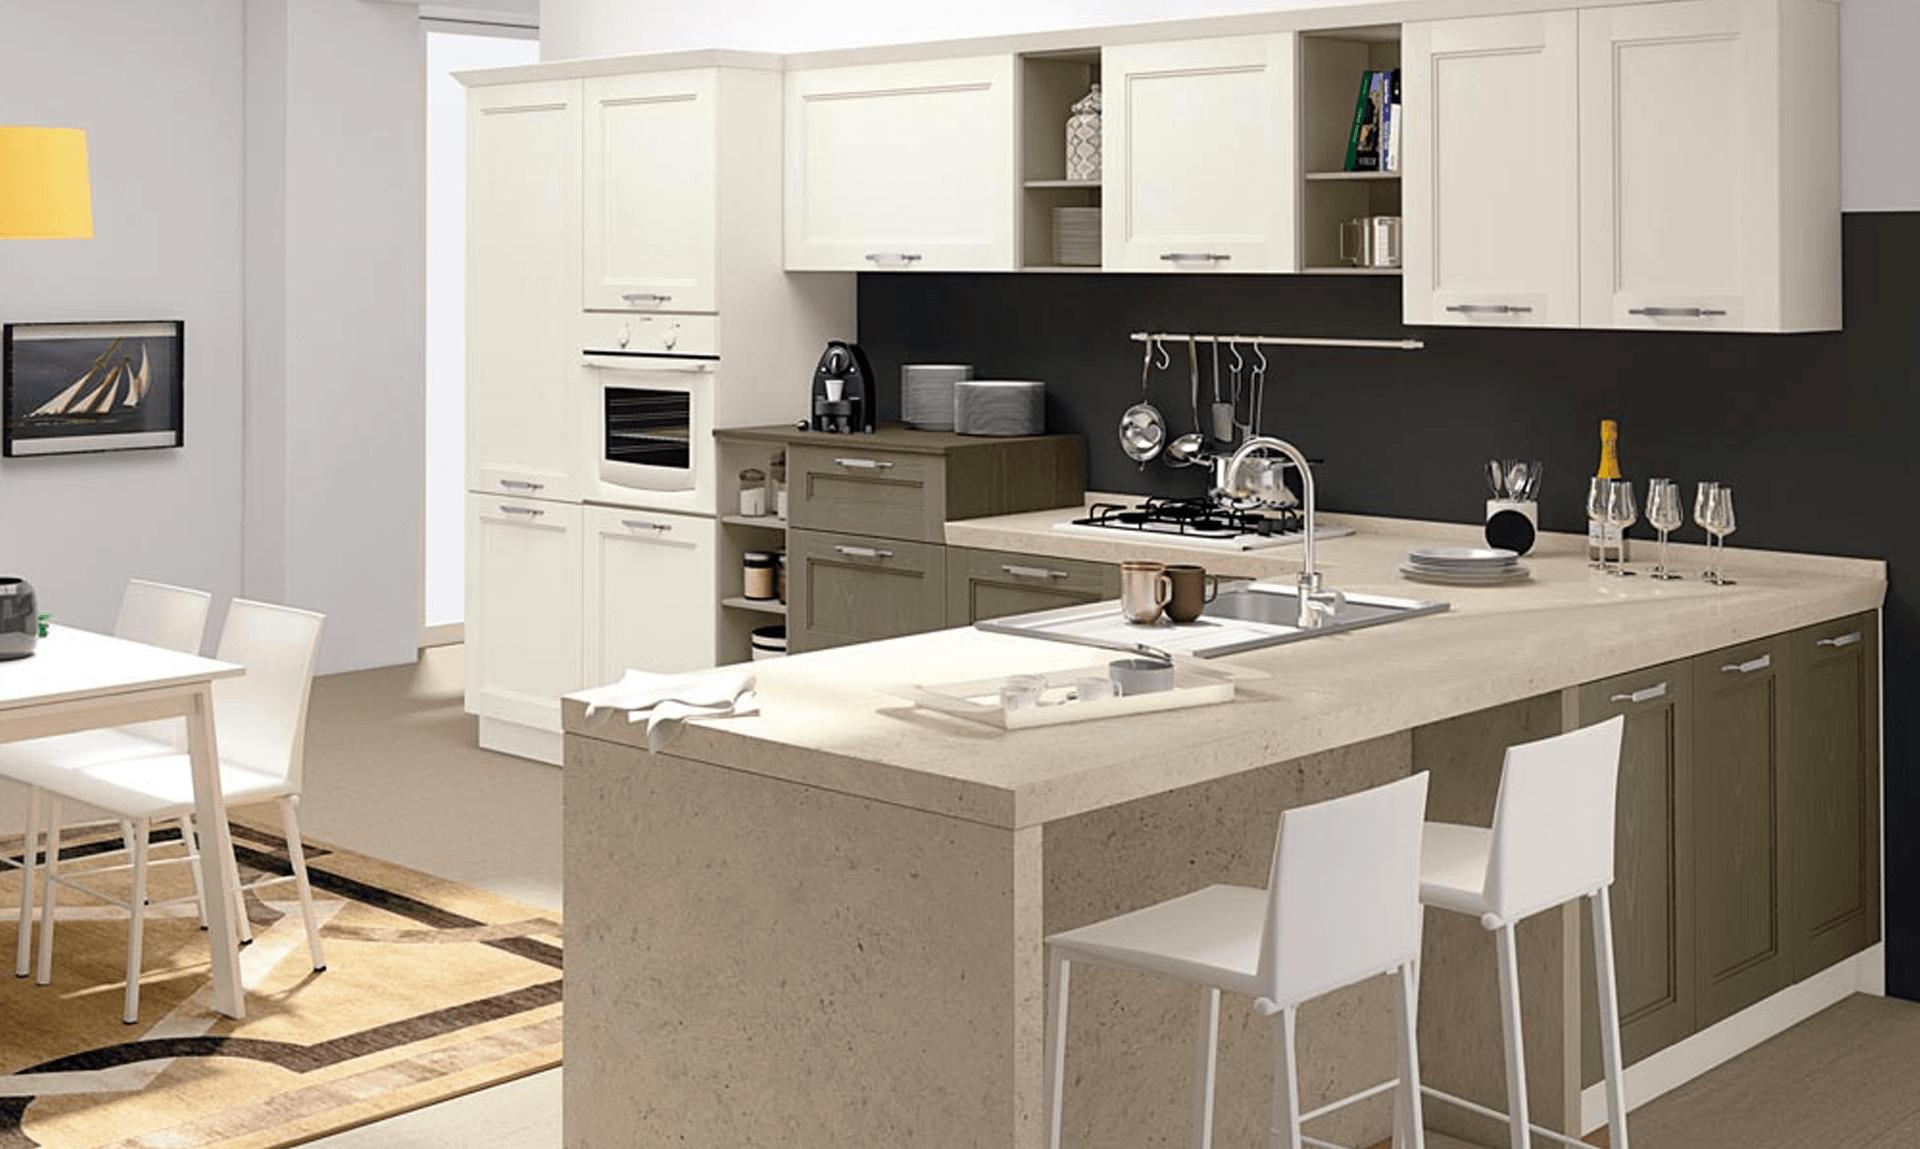 Le-cucine-Creo-Kitchens-a-Milano-da-Lube-&-Creo-Official-Store ...